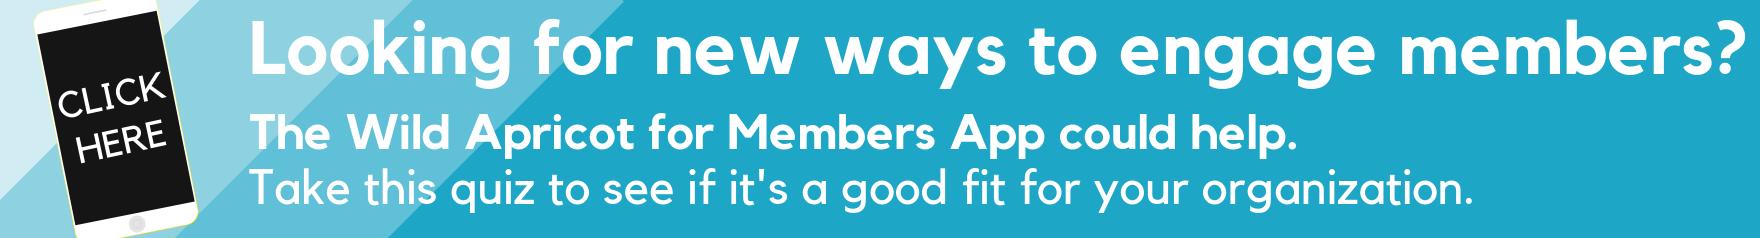 Member engagement app banner